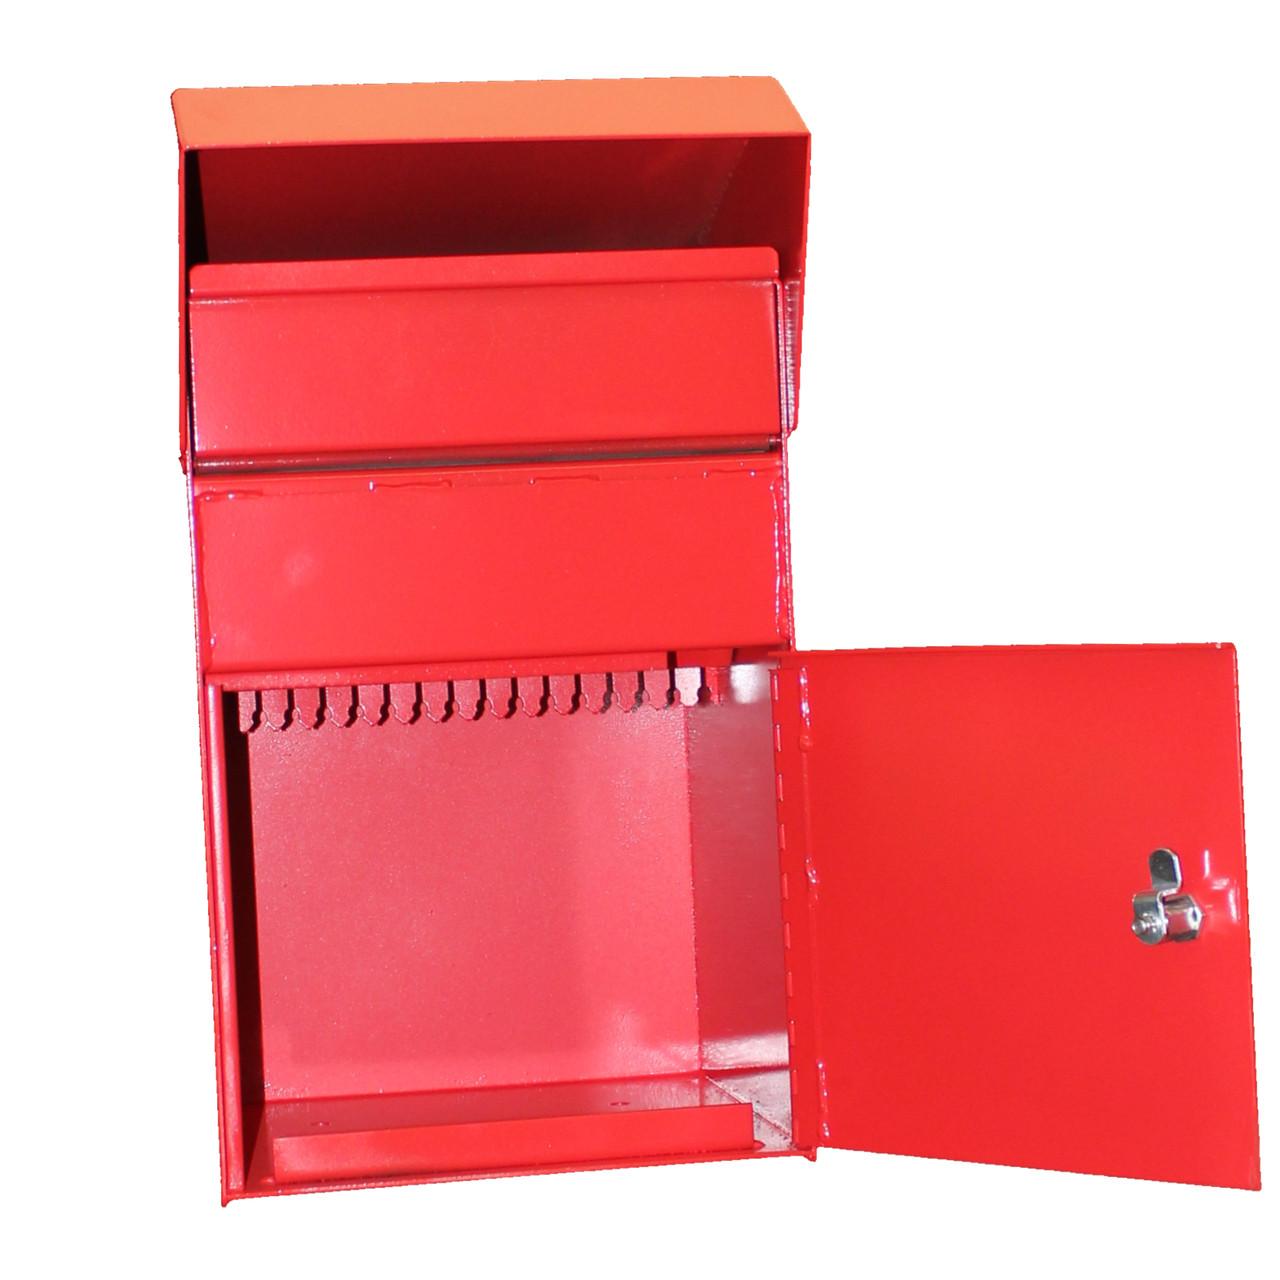 Extra Large Outdoor Secure Payment Drop Box door open